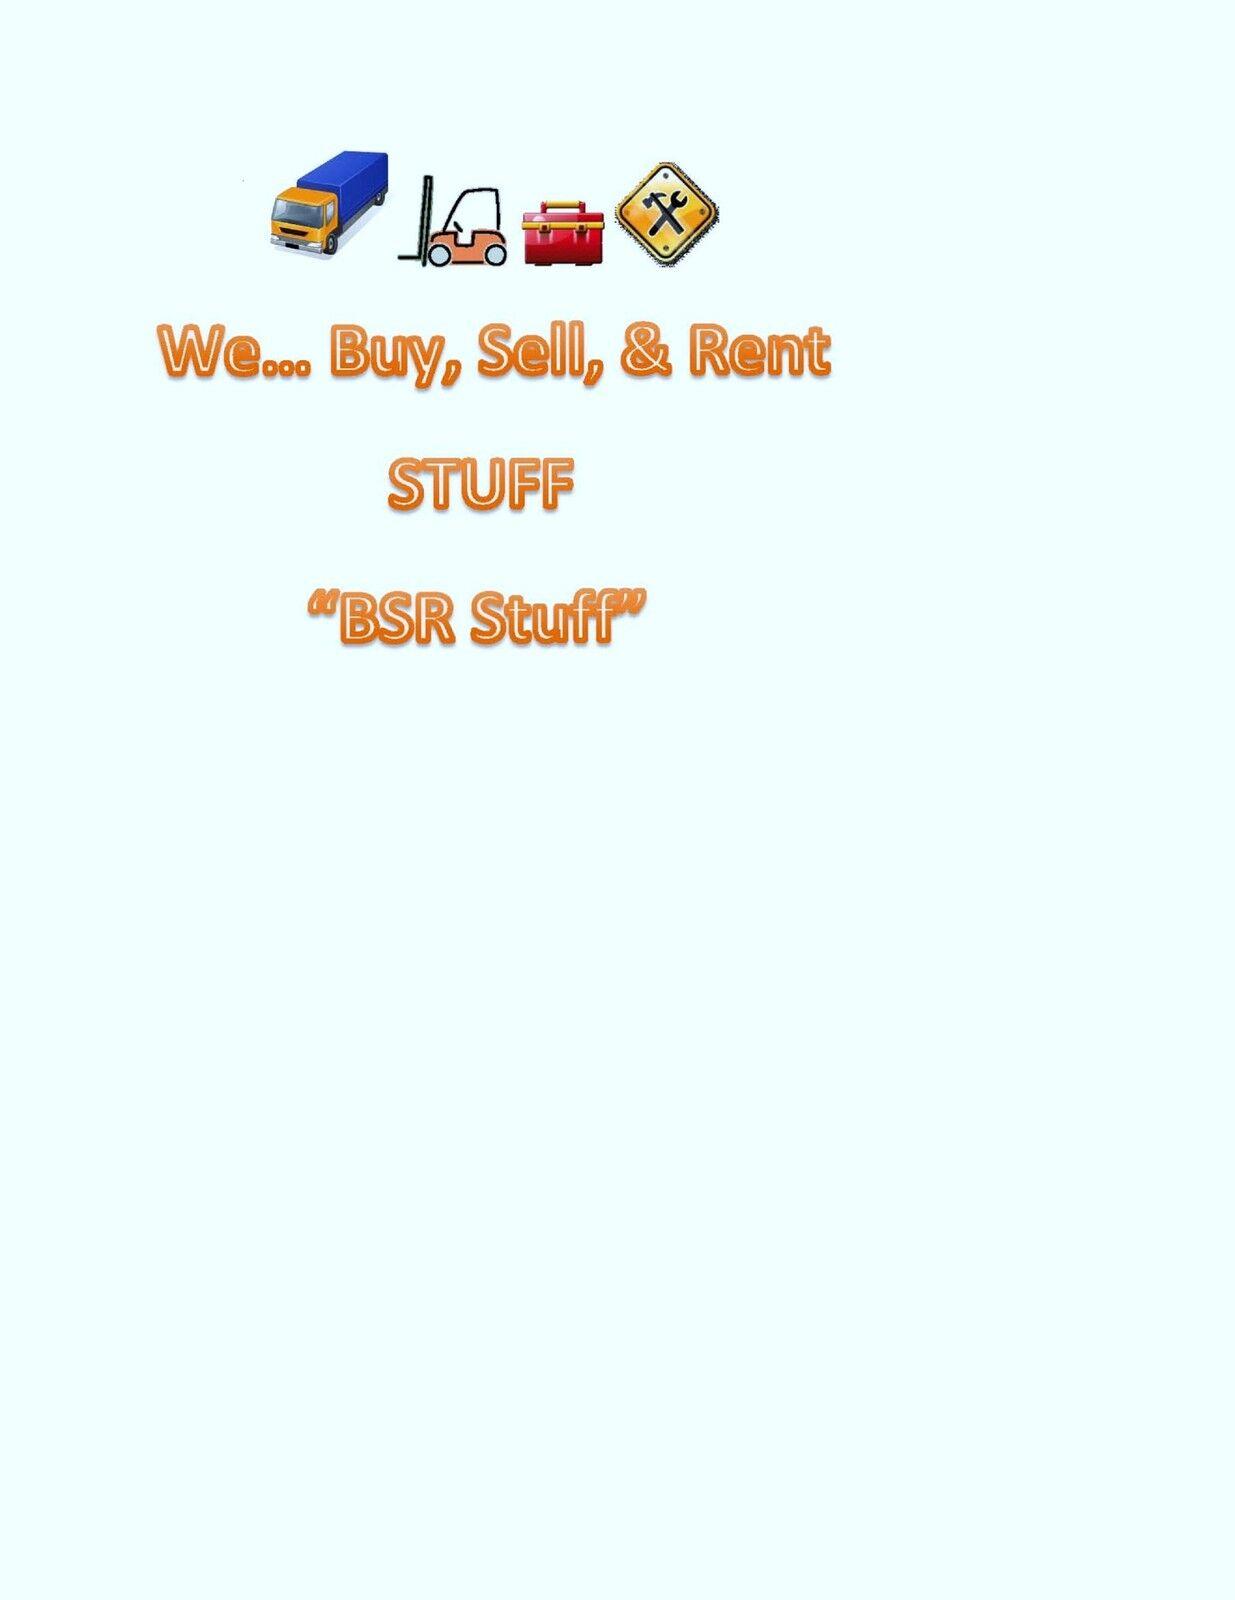 BSR Stuff